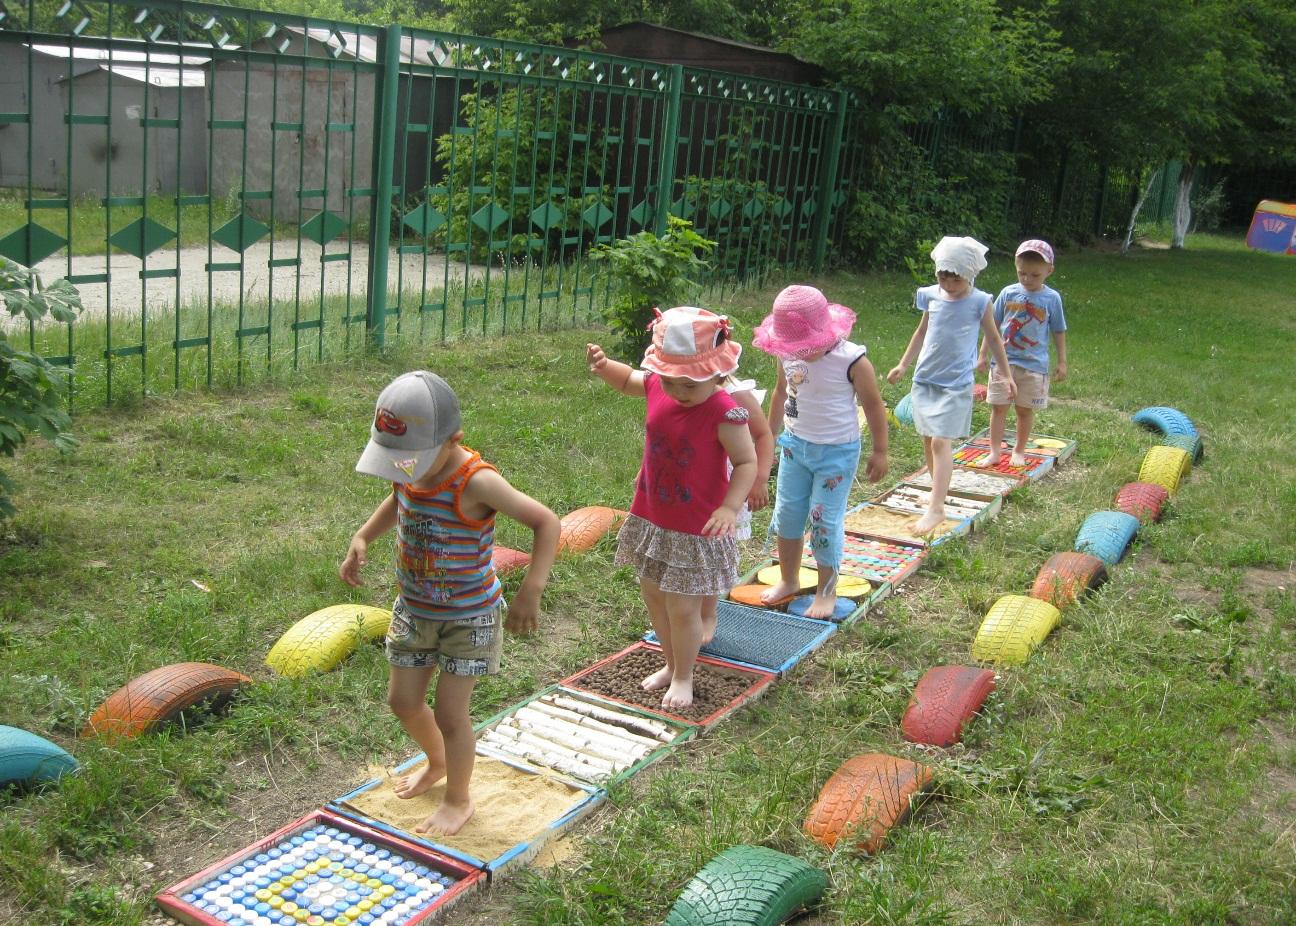 Как украсит детскую площадку в детском саду своими руками